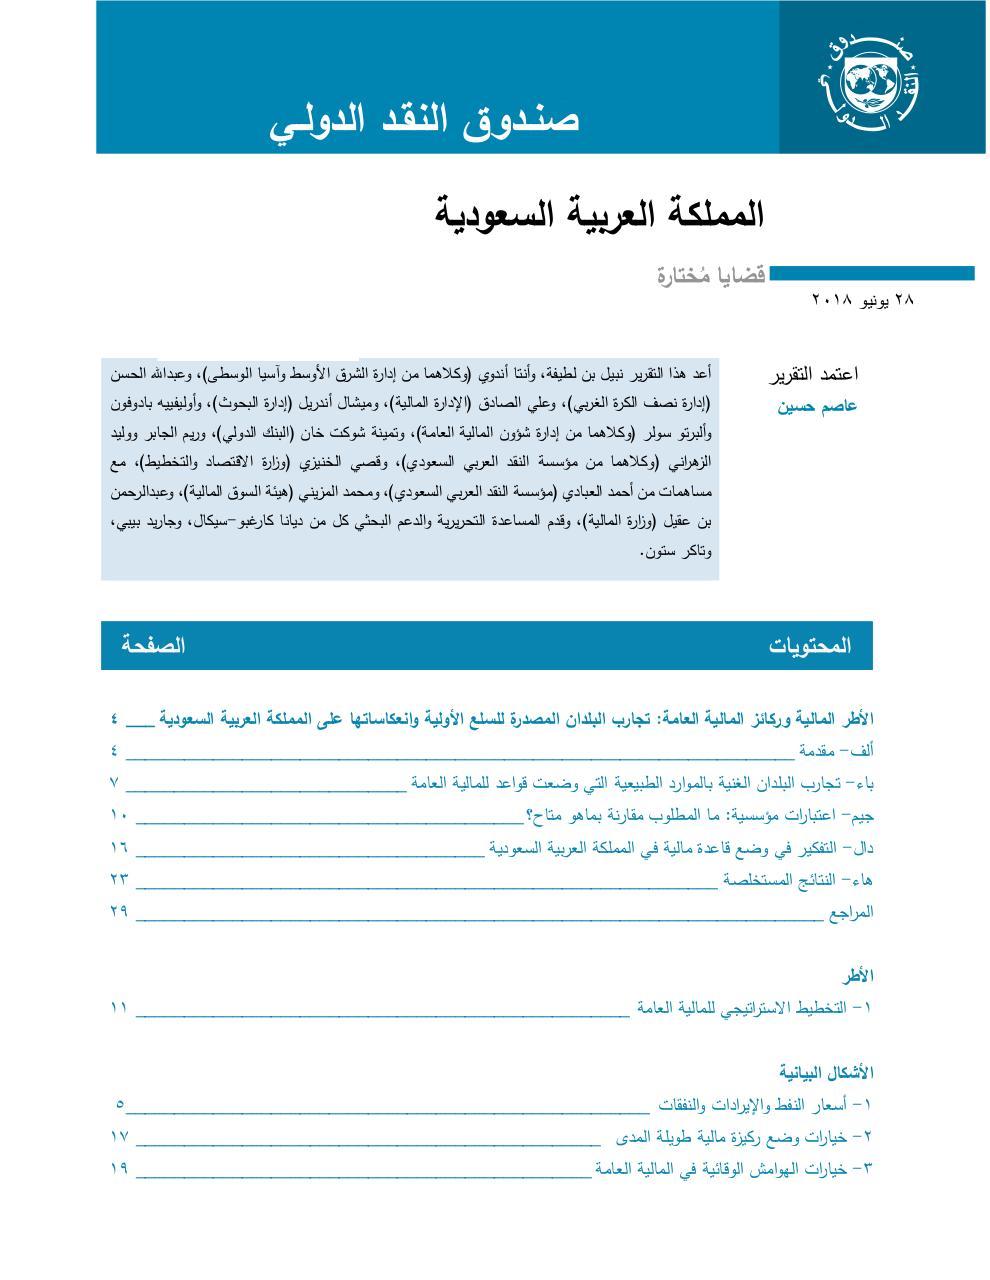 الحد الاقصى للتحويل خارج السعودية 2018